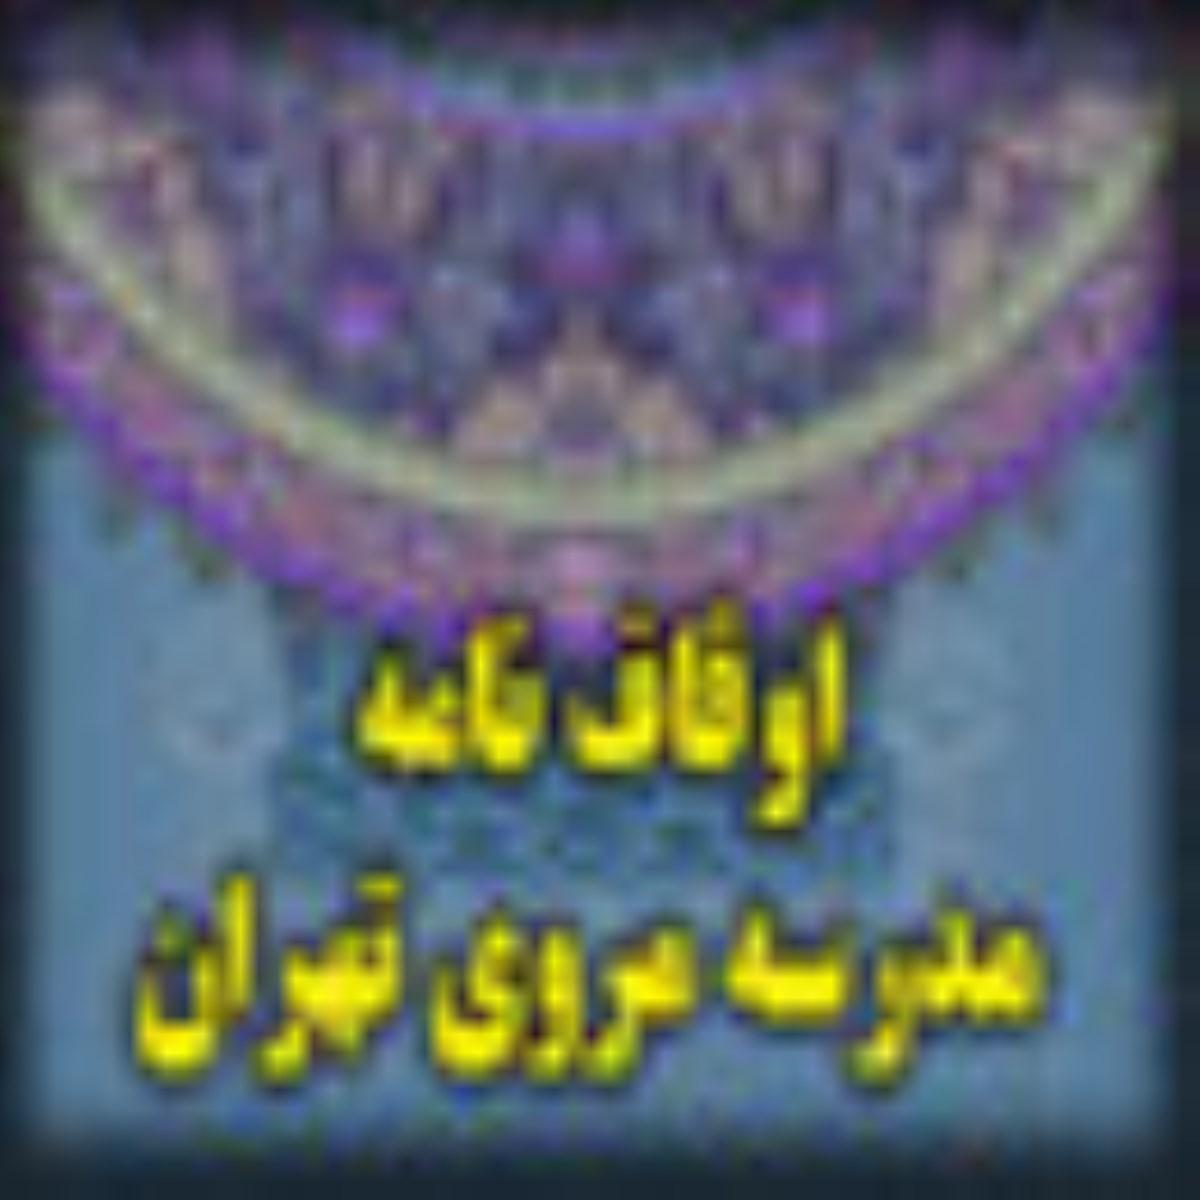 وقف نامه مدرسه مروي تهران